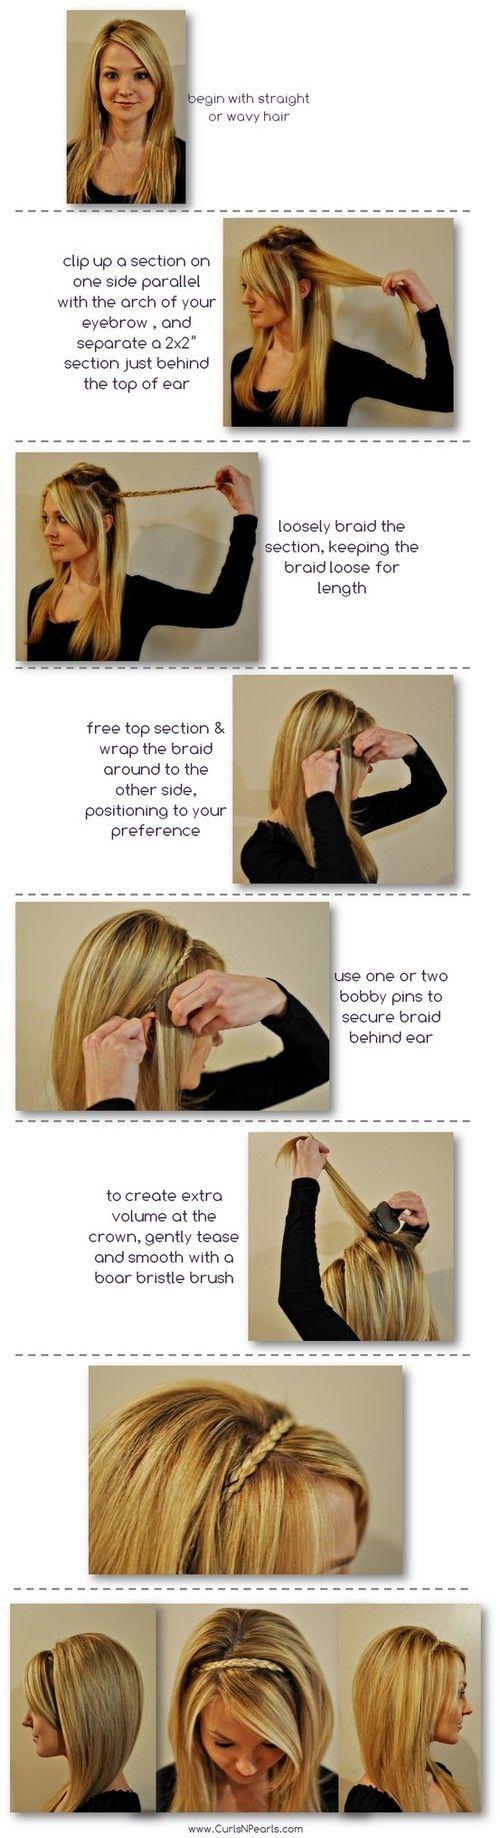 How to do a braided headband.Hair Ideas, Hair Tutorials, Braided Headband, Long Hair, Head Band, Hair Style, Headbands Braids, Braids Headbands, Braids Hair